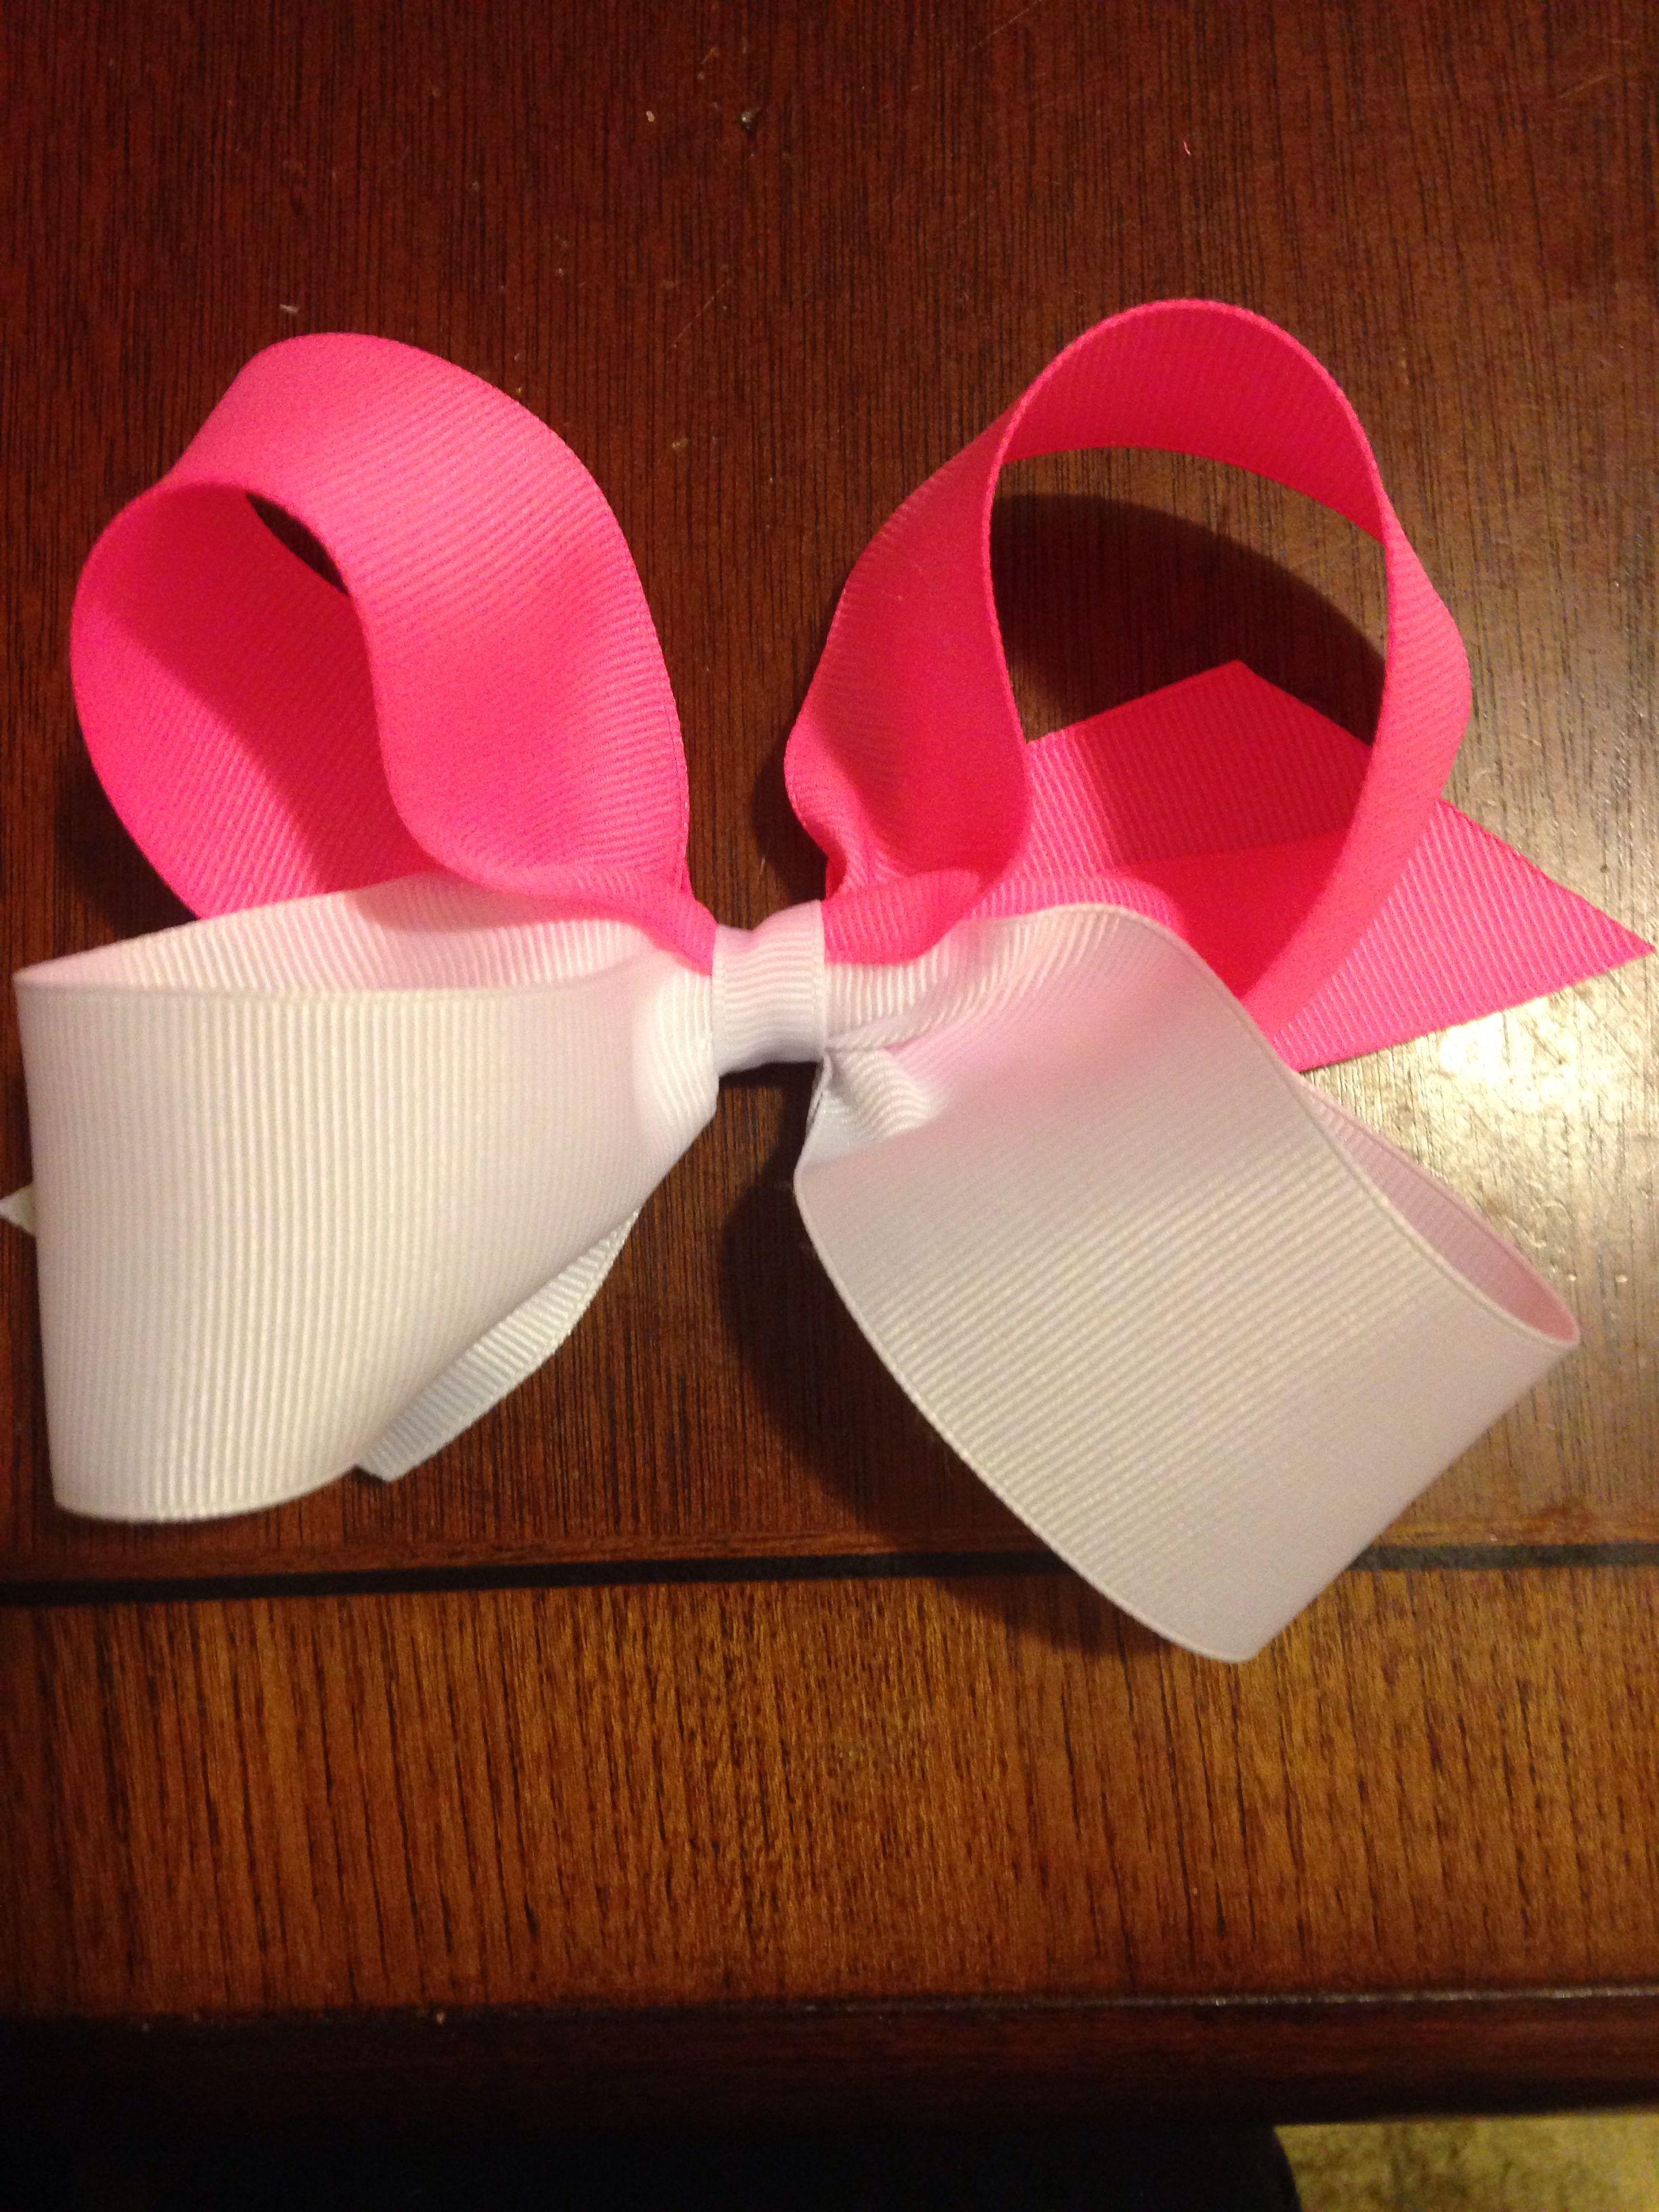 Made a cute pink hair bow